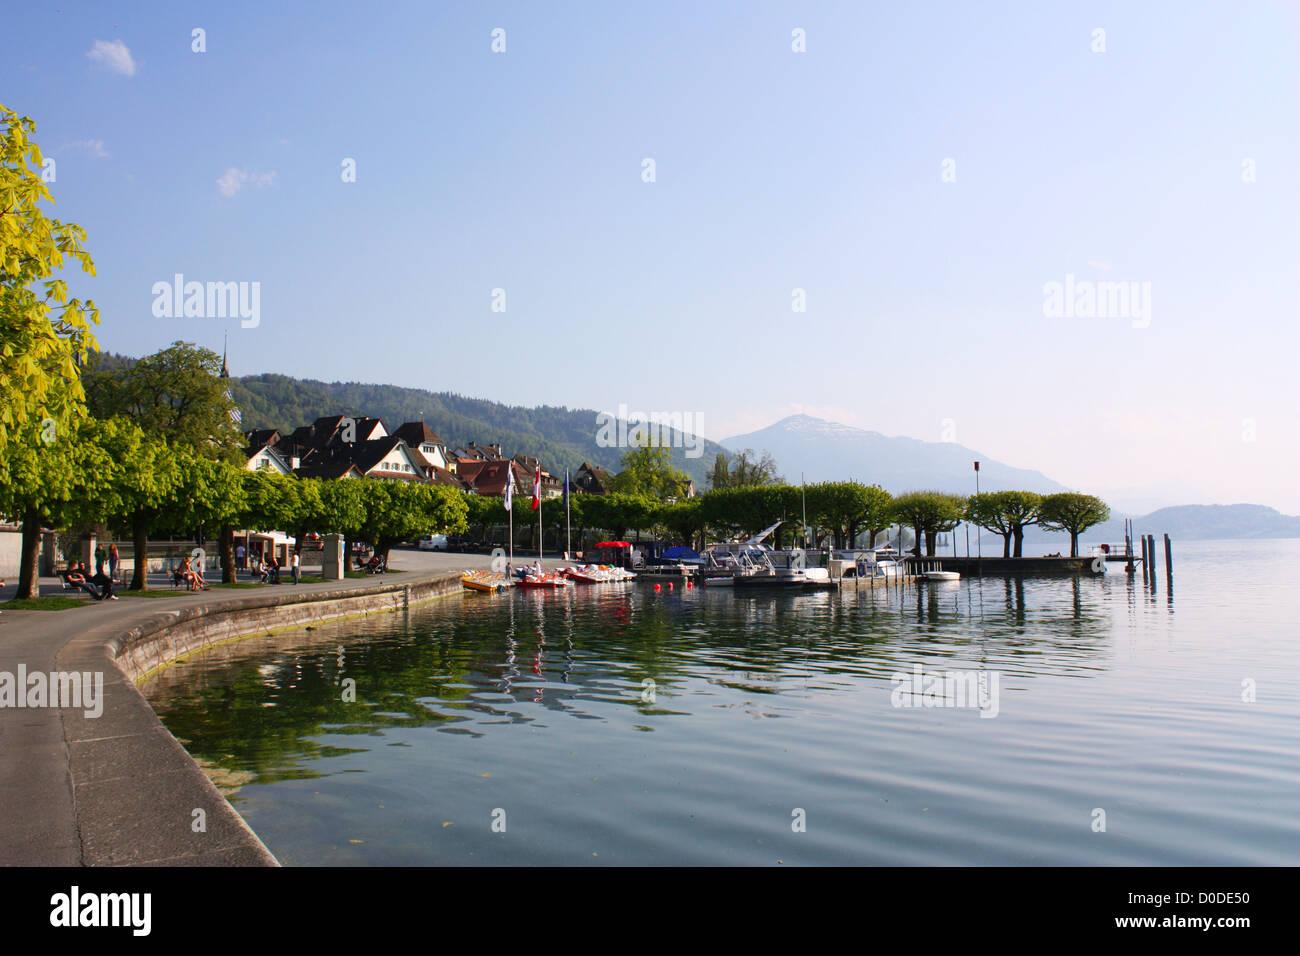 Lake view in Zug, Switzerland Stock Photo